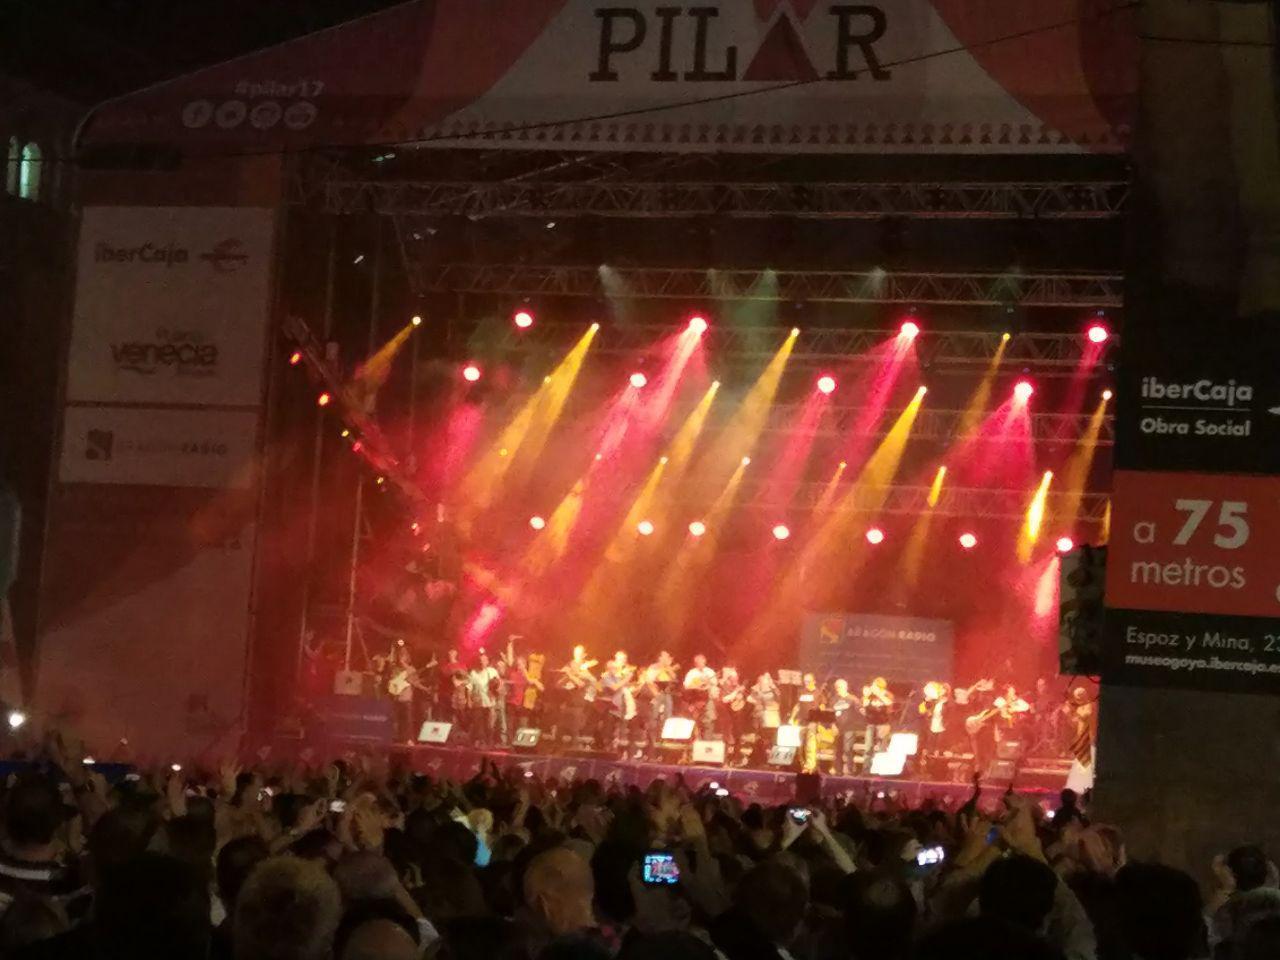 Pilares con buen ambiente - En la Plaza del Pilar de Zaragoza siempre se disfruta de unos pilares con buen ambiente sea el concierto que sea